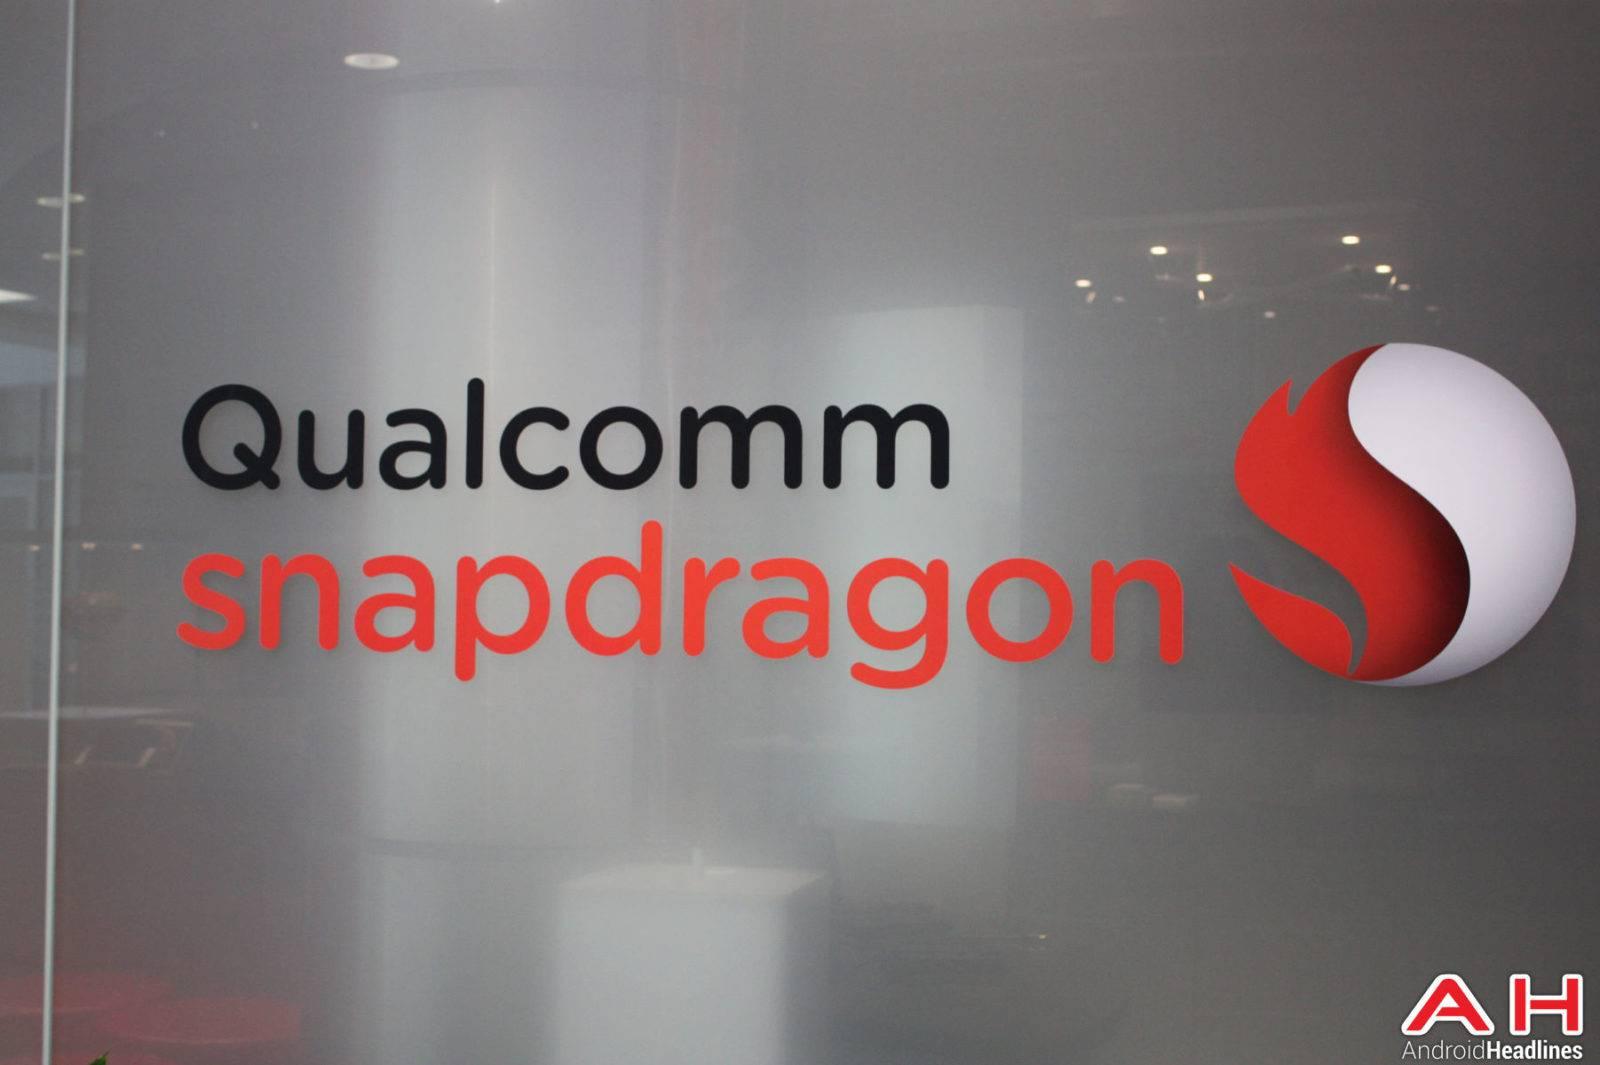 PC-uri cu procesoare Qualcomm Snapdragon 835 sunt dezvoltate de trei mari producatori